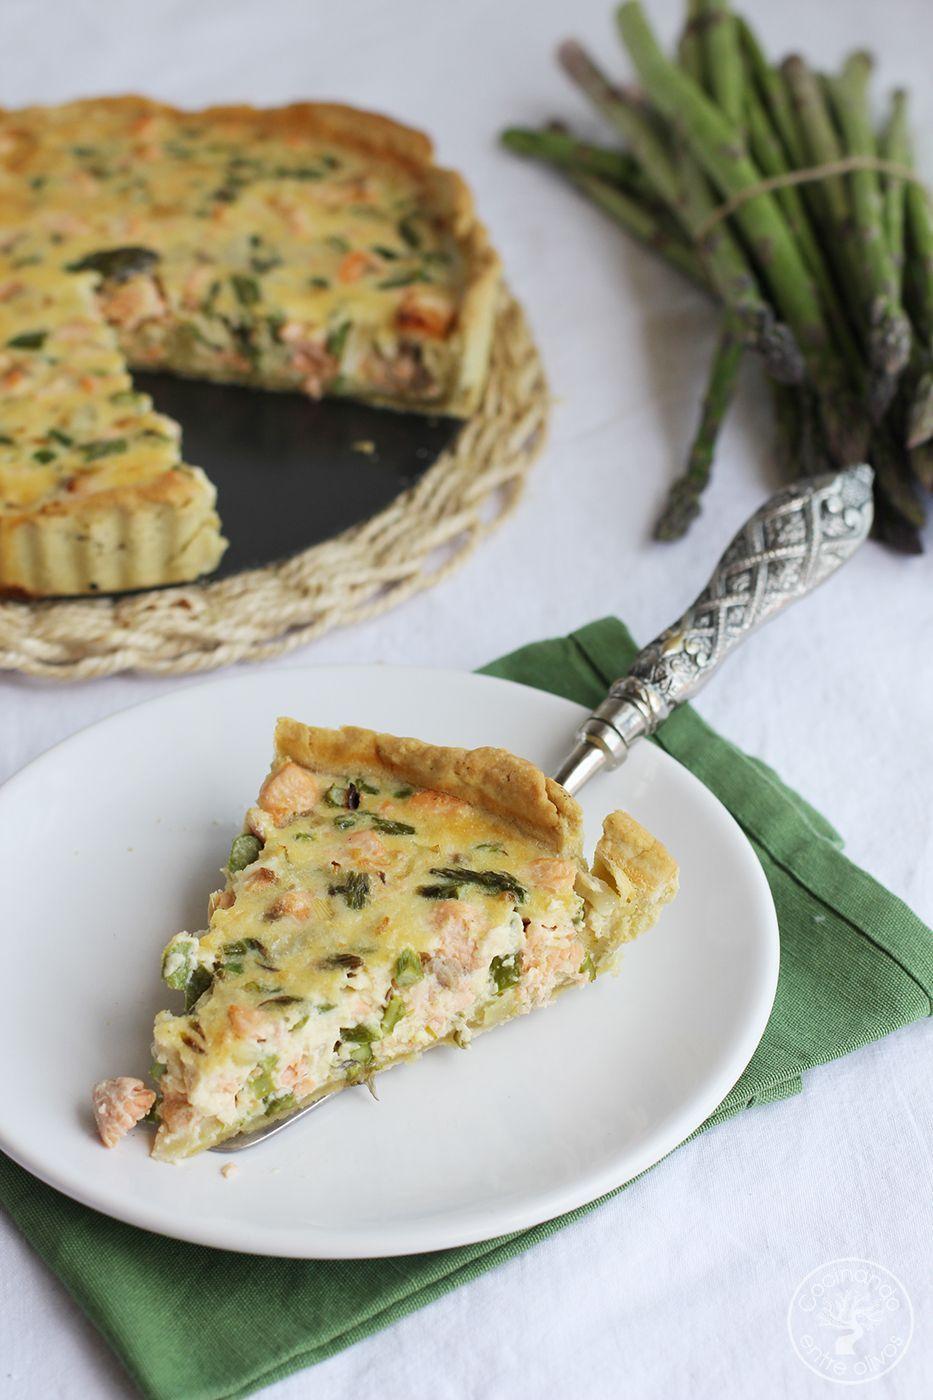 Tarta de esparragos y salmon (21)